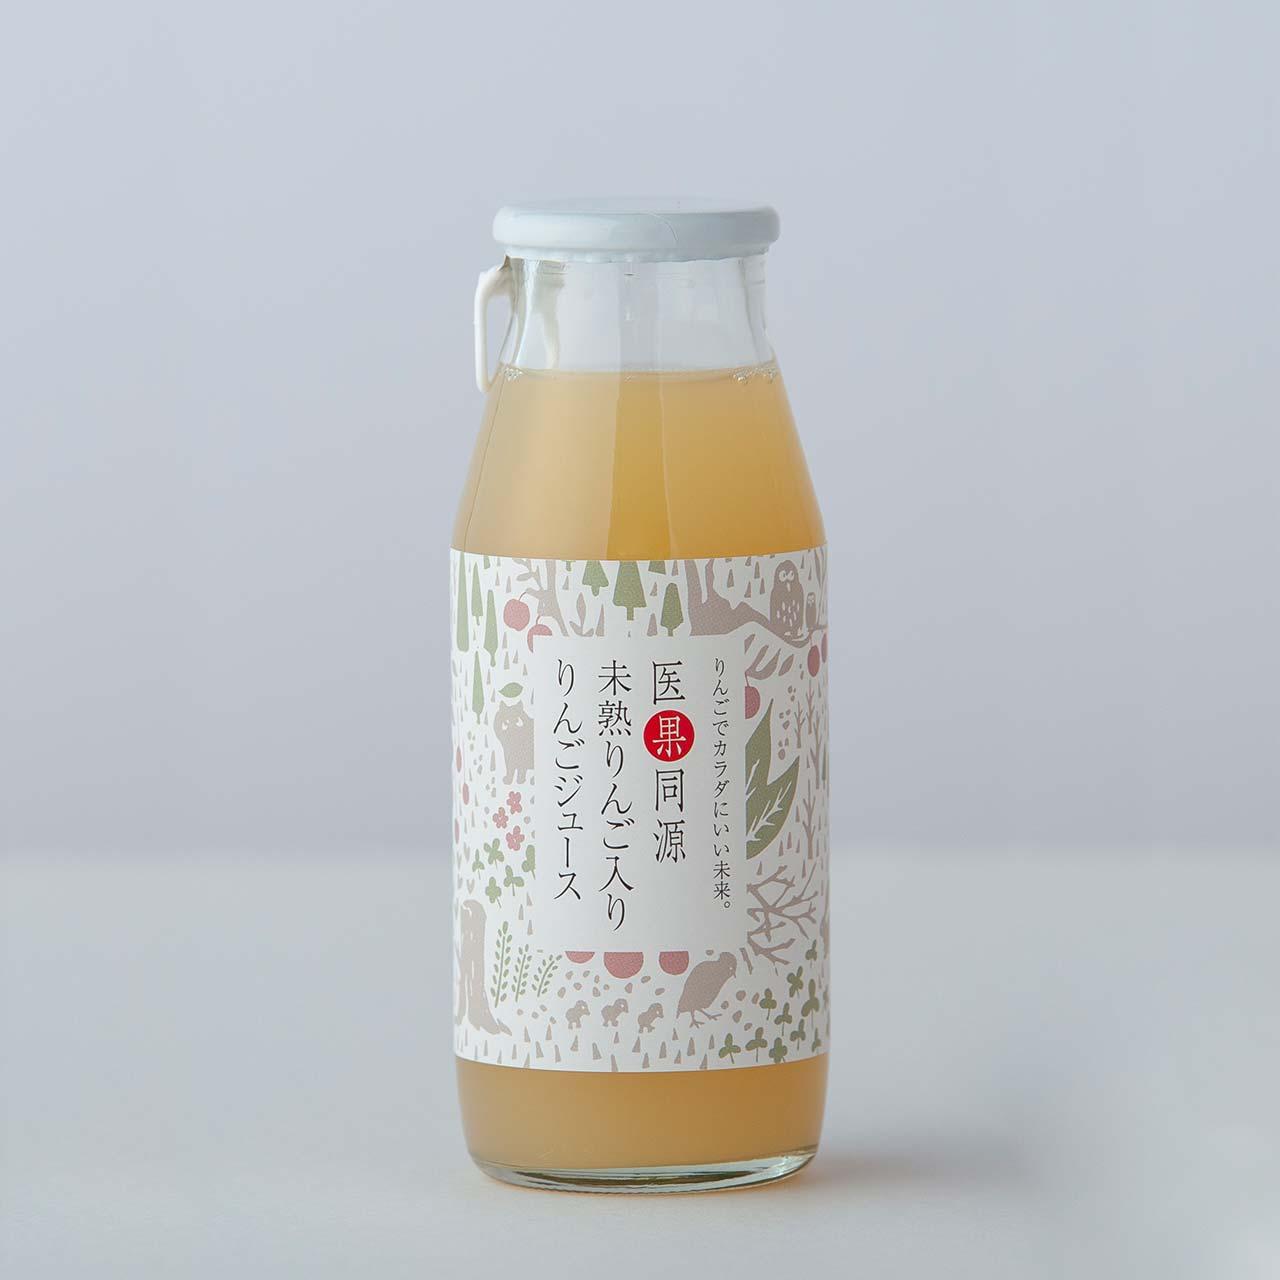 りんご発泡酒ギフトセット